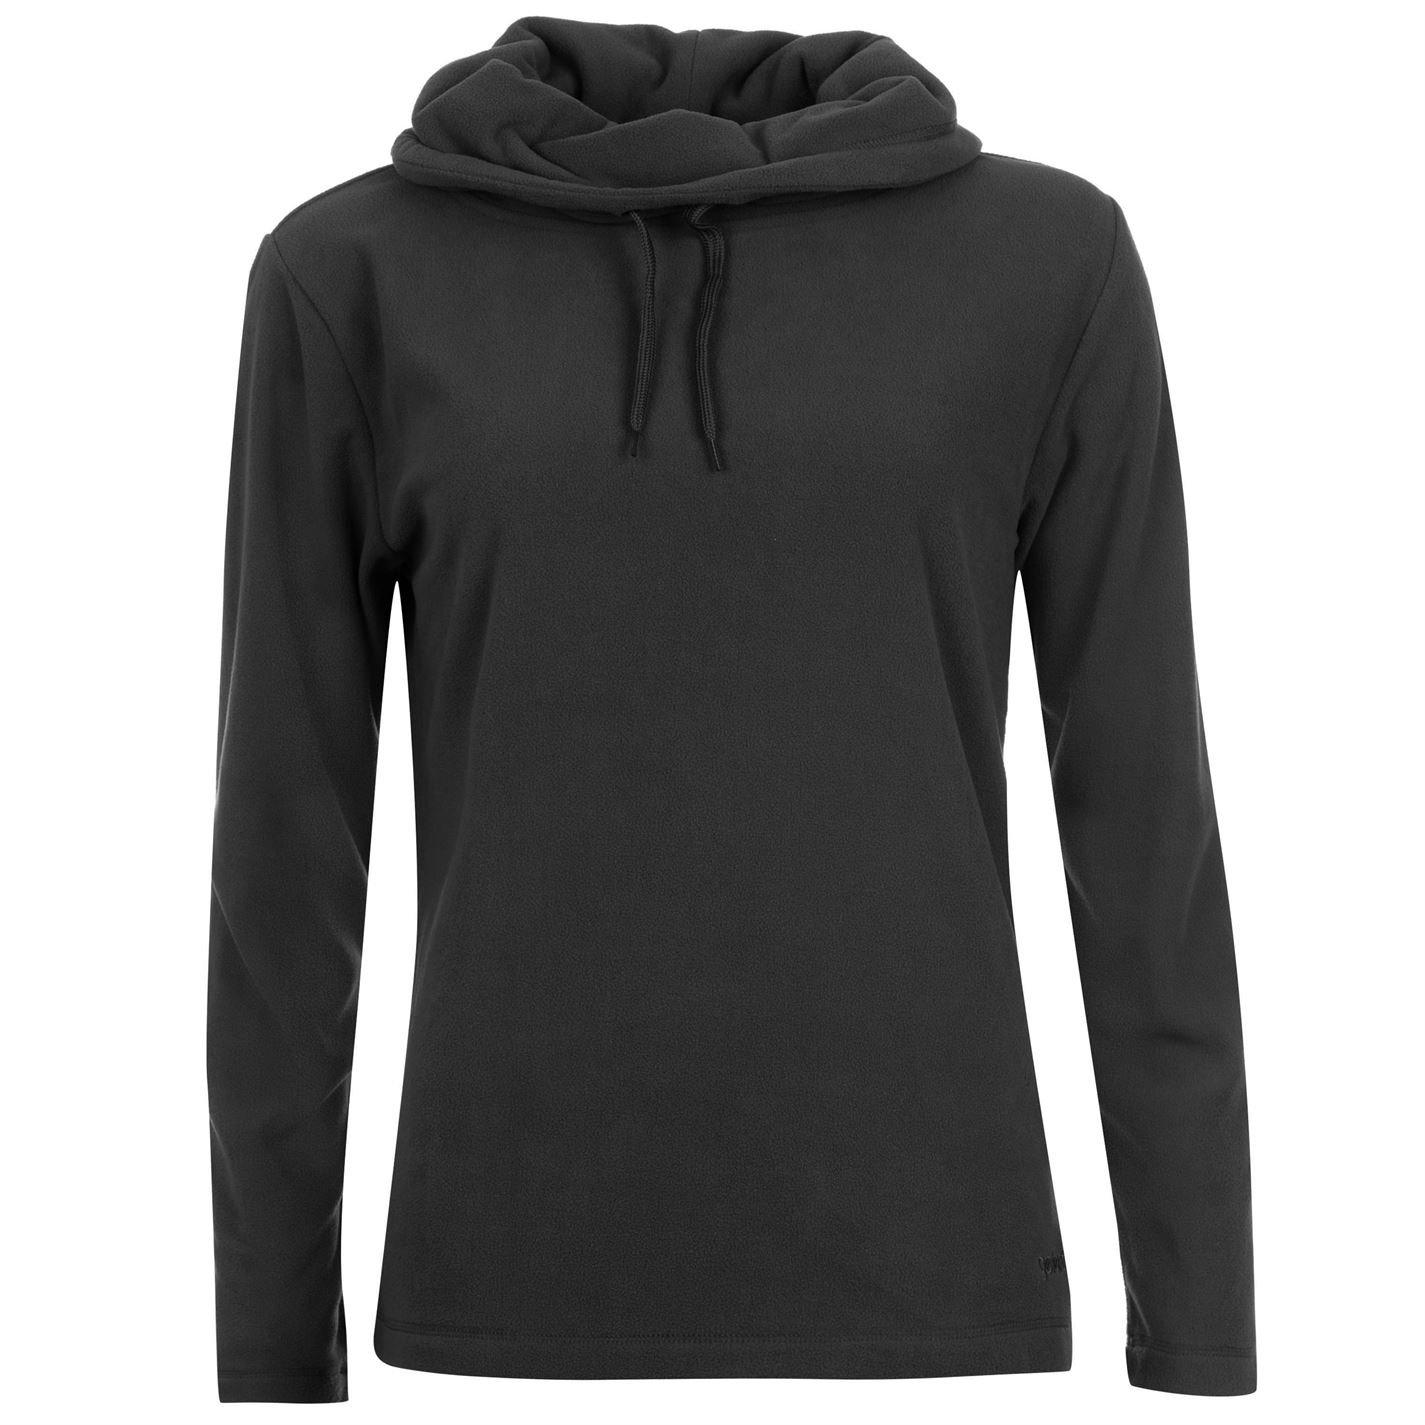 Gelert Womens Cowl Neck Fleece Casual Microfleece Top Ladies Jumper Sweatshirt Black 10 (S)